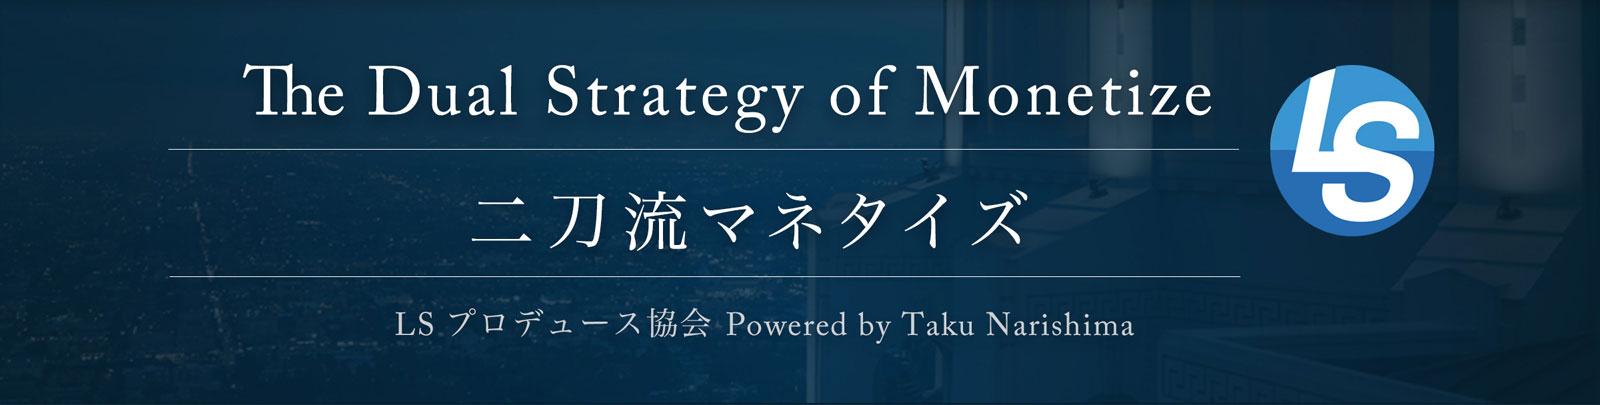 会社員と副業を両立させる『ハイブリッド起業戦略』by成島拓